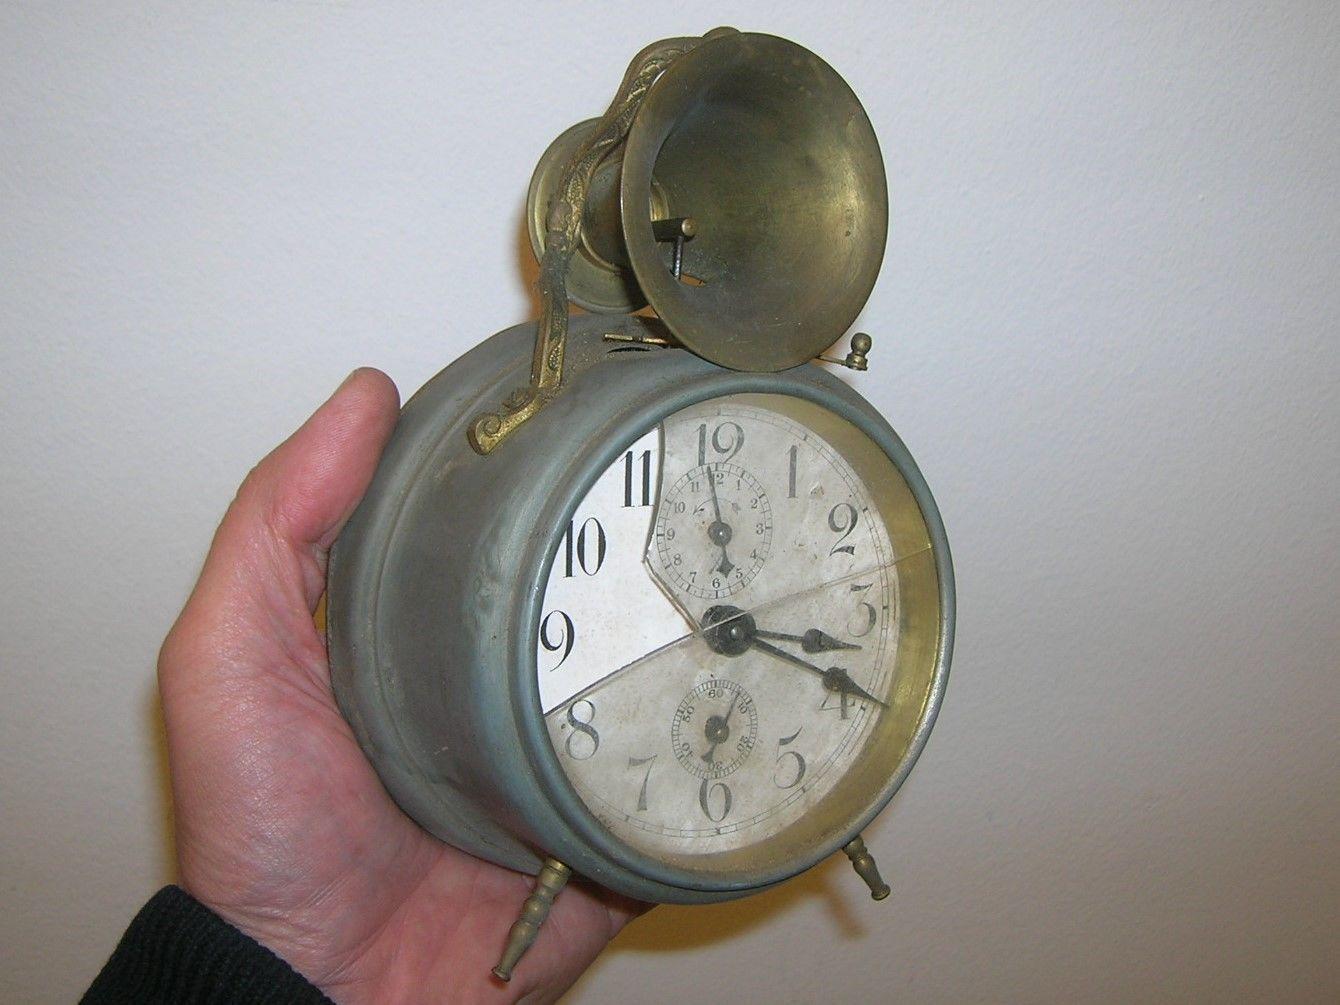 Uralter Ausgefallener Pfeilkreuz Trompeten Wecker Alarm Wecker Ca 1890 1910 Antiquitäten Kunst Mobiliar Interieur Uhren Ebay Wecker Ebay Pfeil